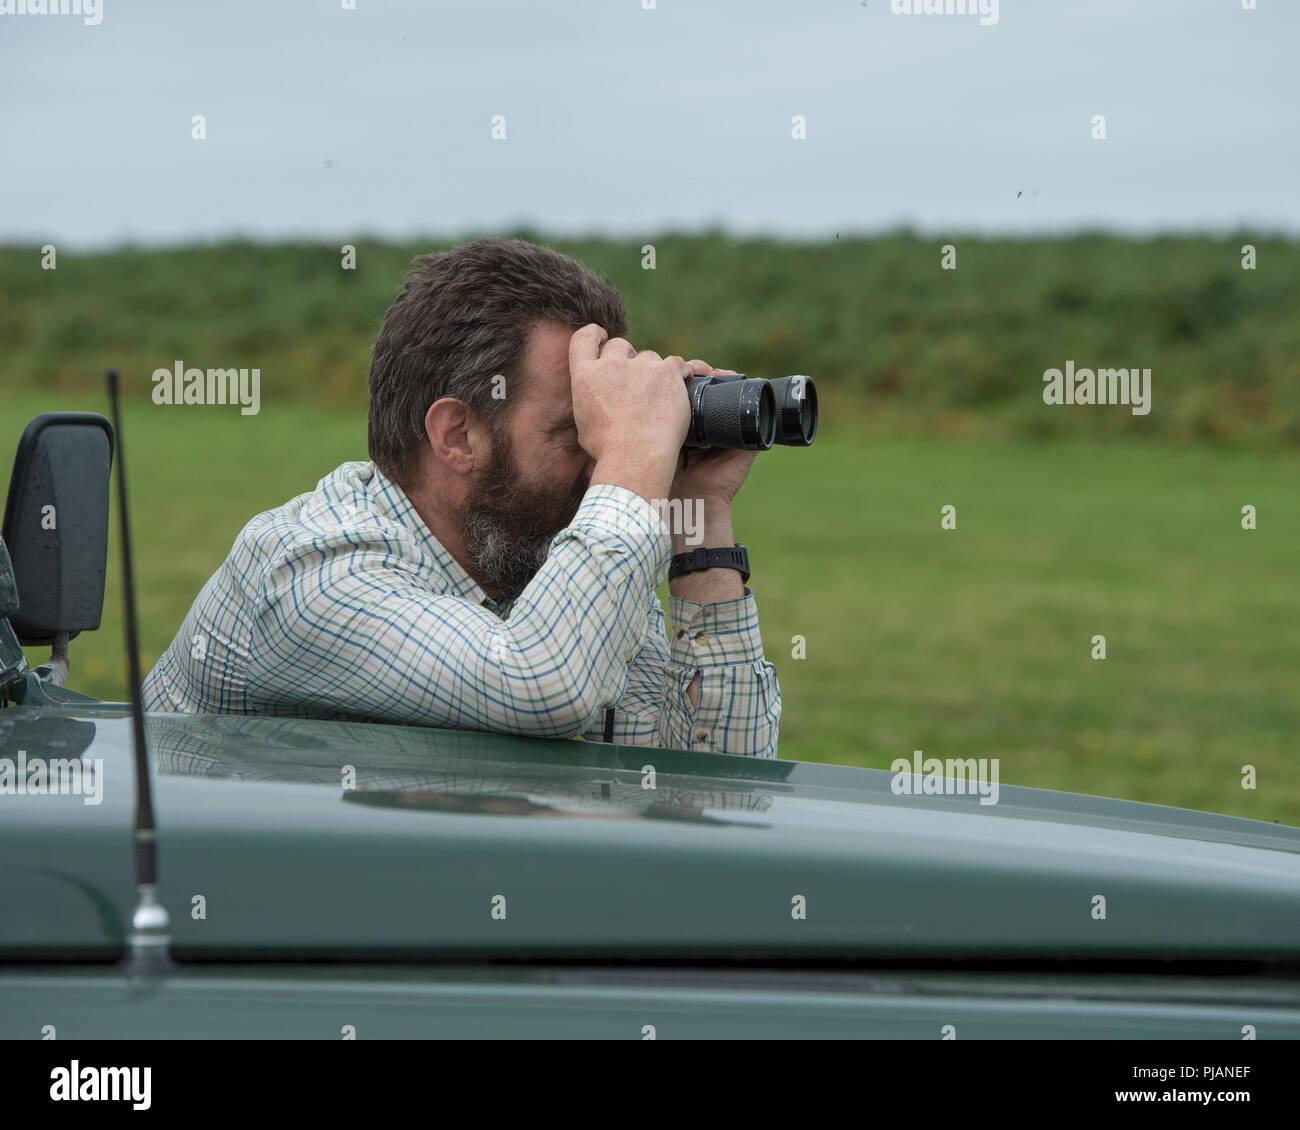 man using binoculars while deer stalking - Stock Image